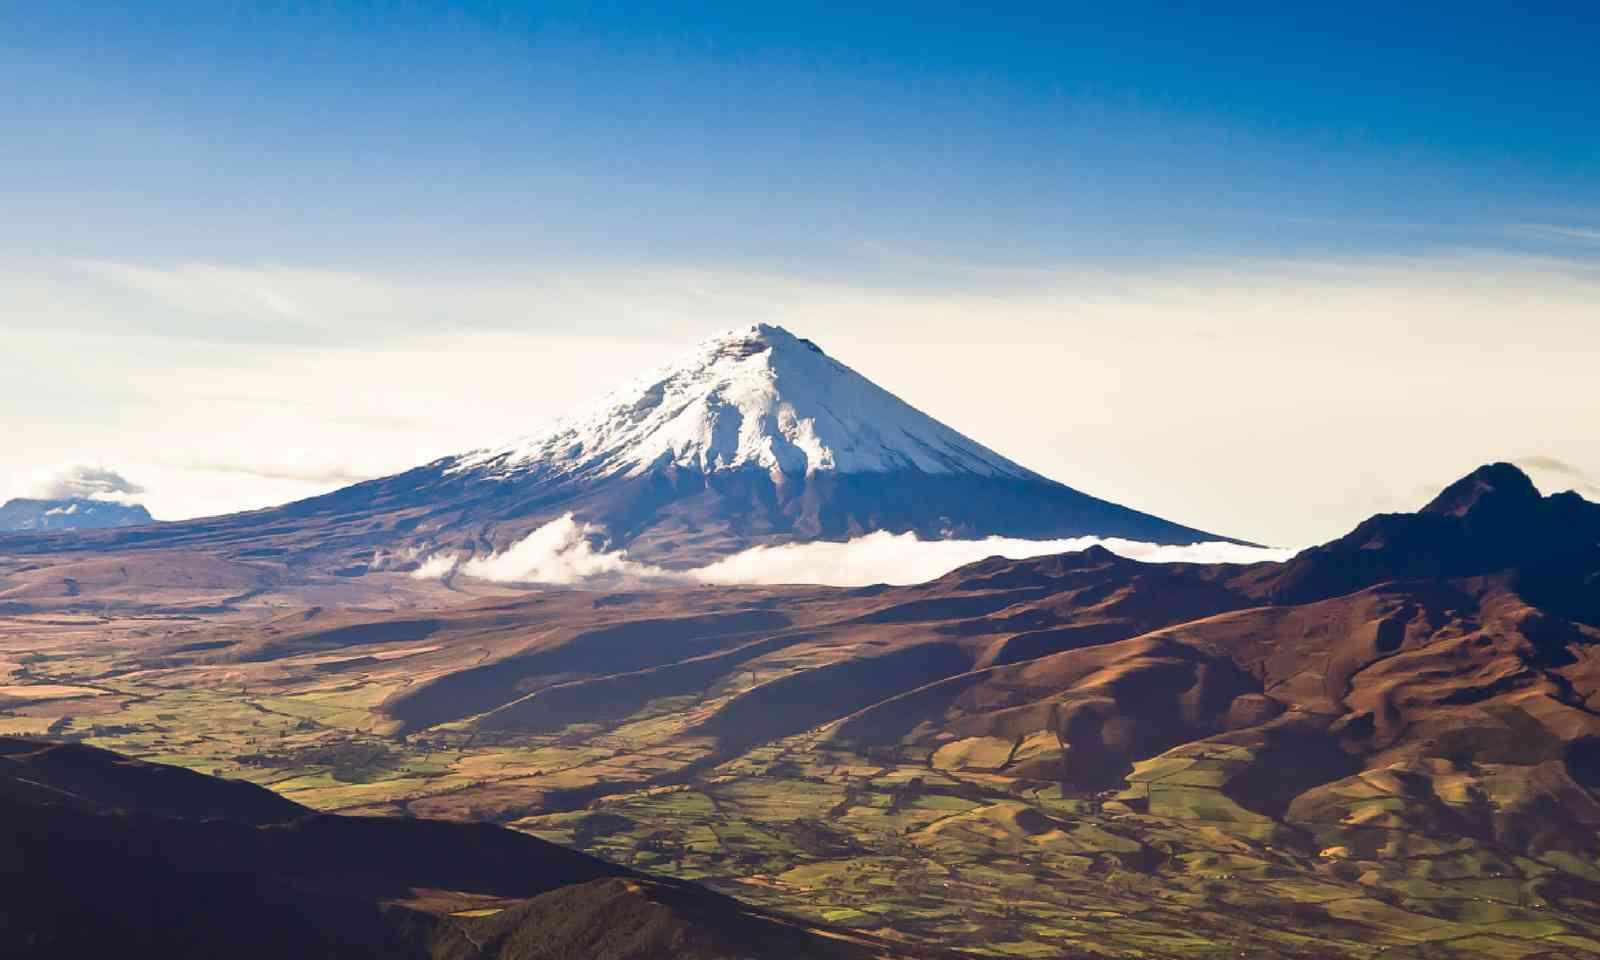 Cotopaxi volcano, Ecuador (Shutterstock)